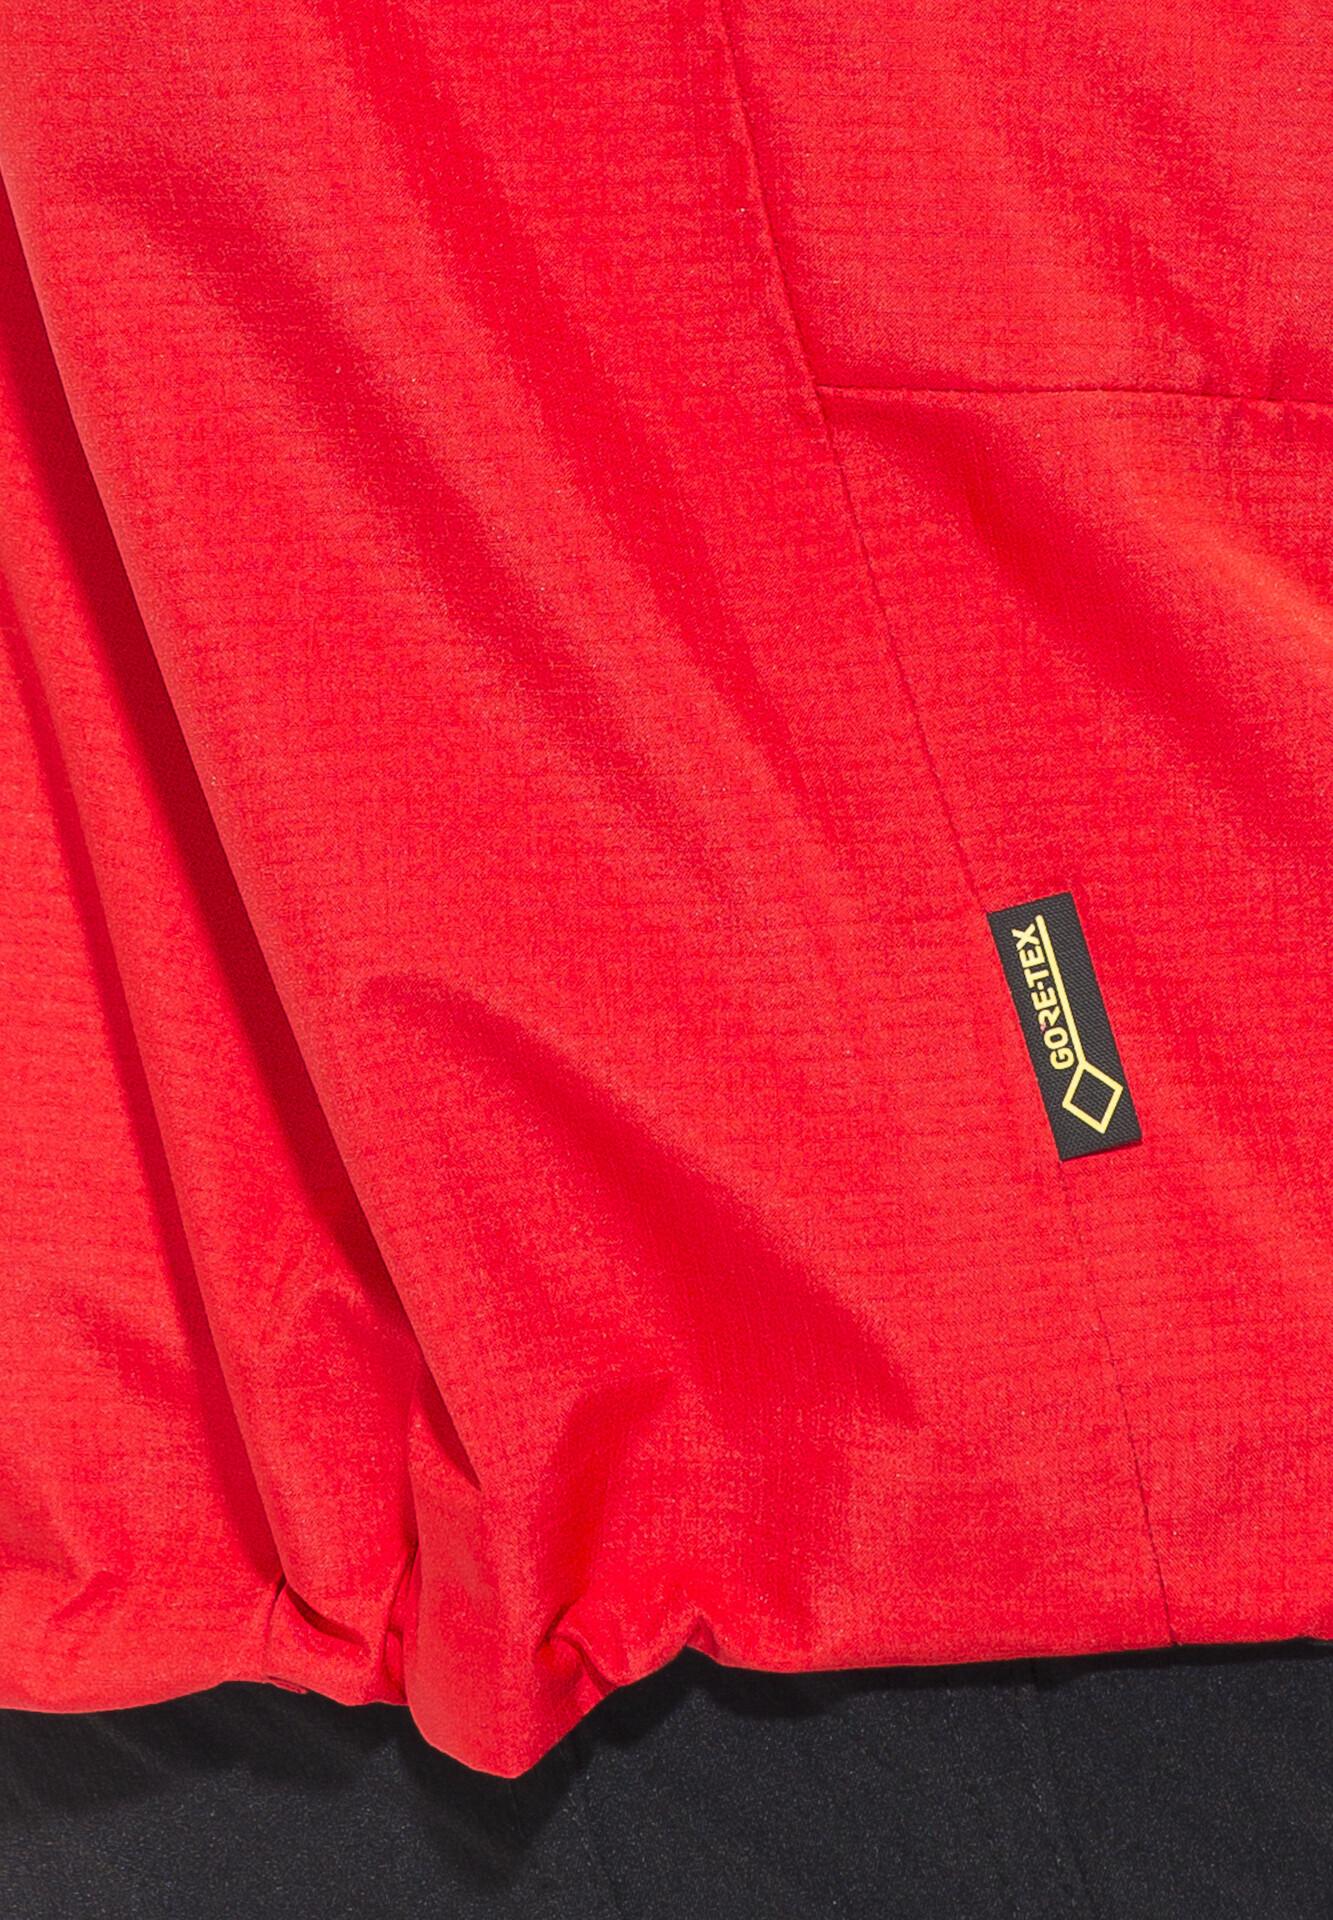 Sur Millet Veste Gtx Homme Jungfrau Rouge Campz 5XwX4qE